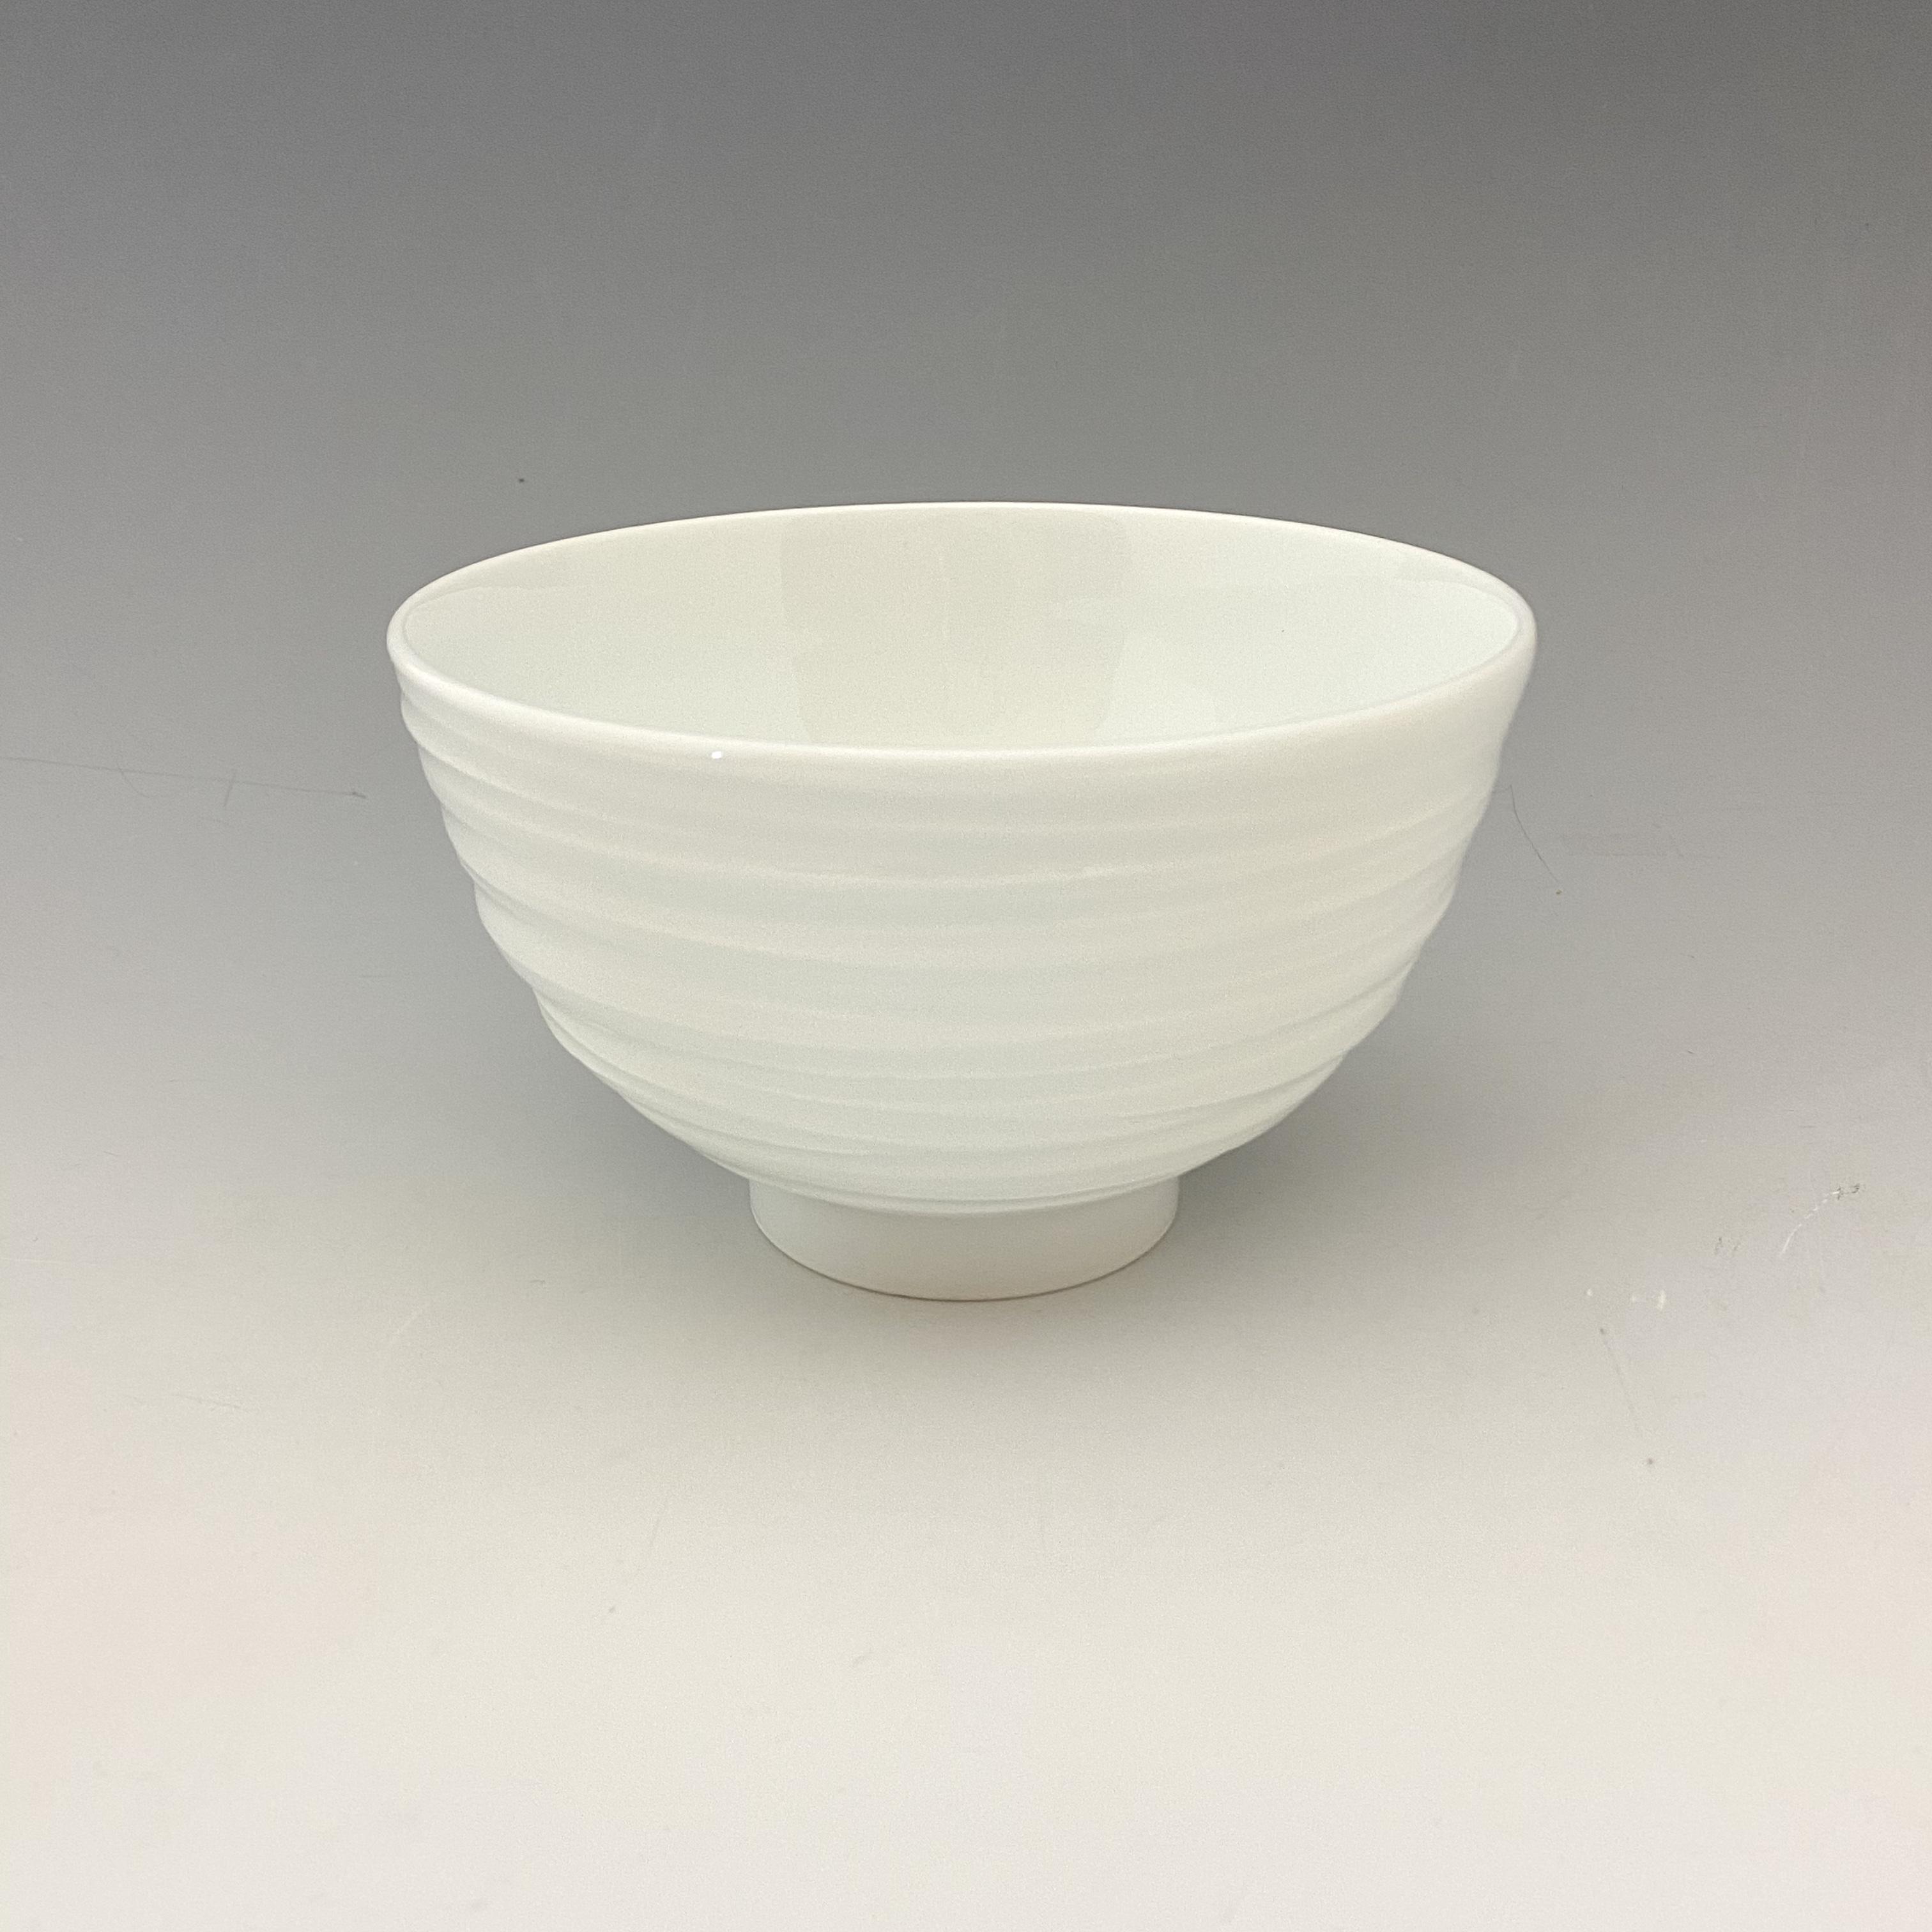 【中尾純】白磁線彫碗(大)